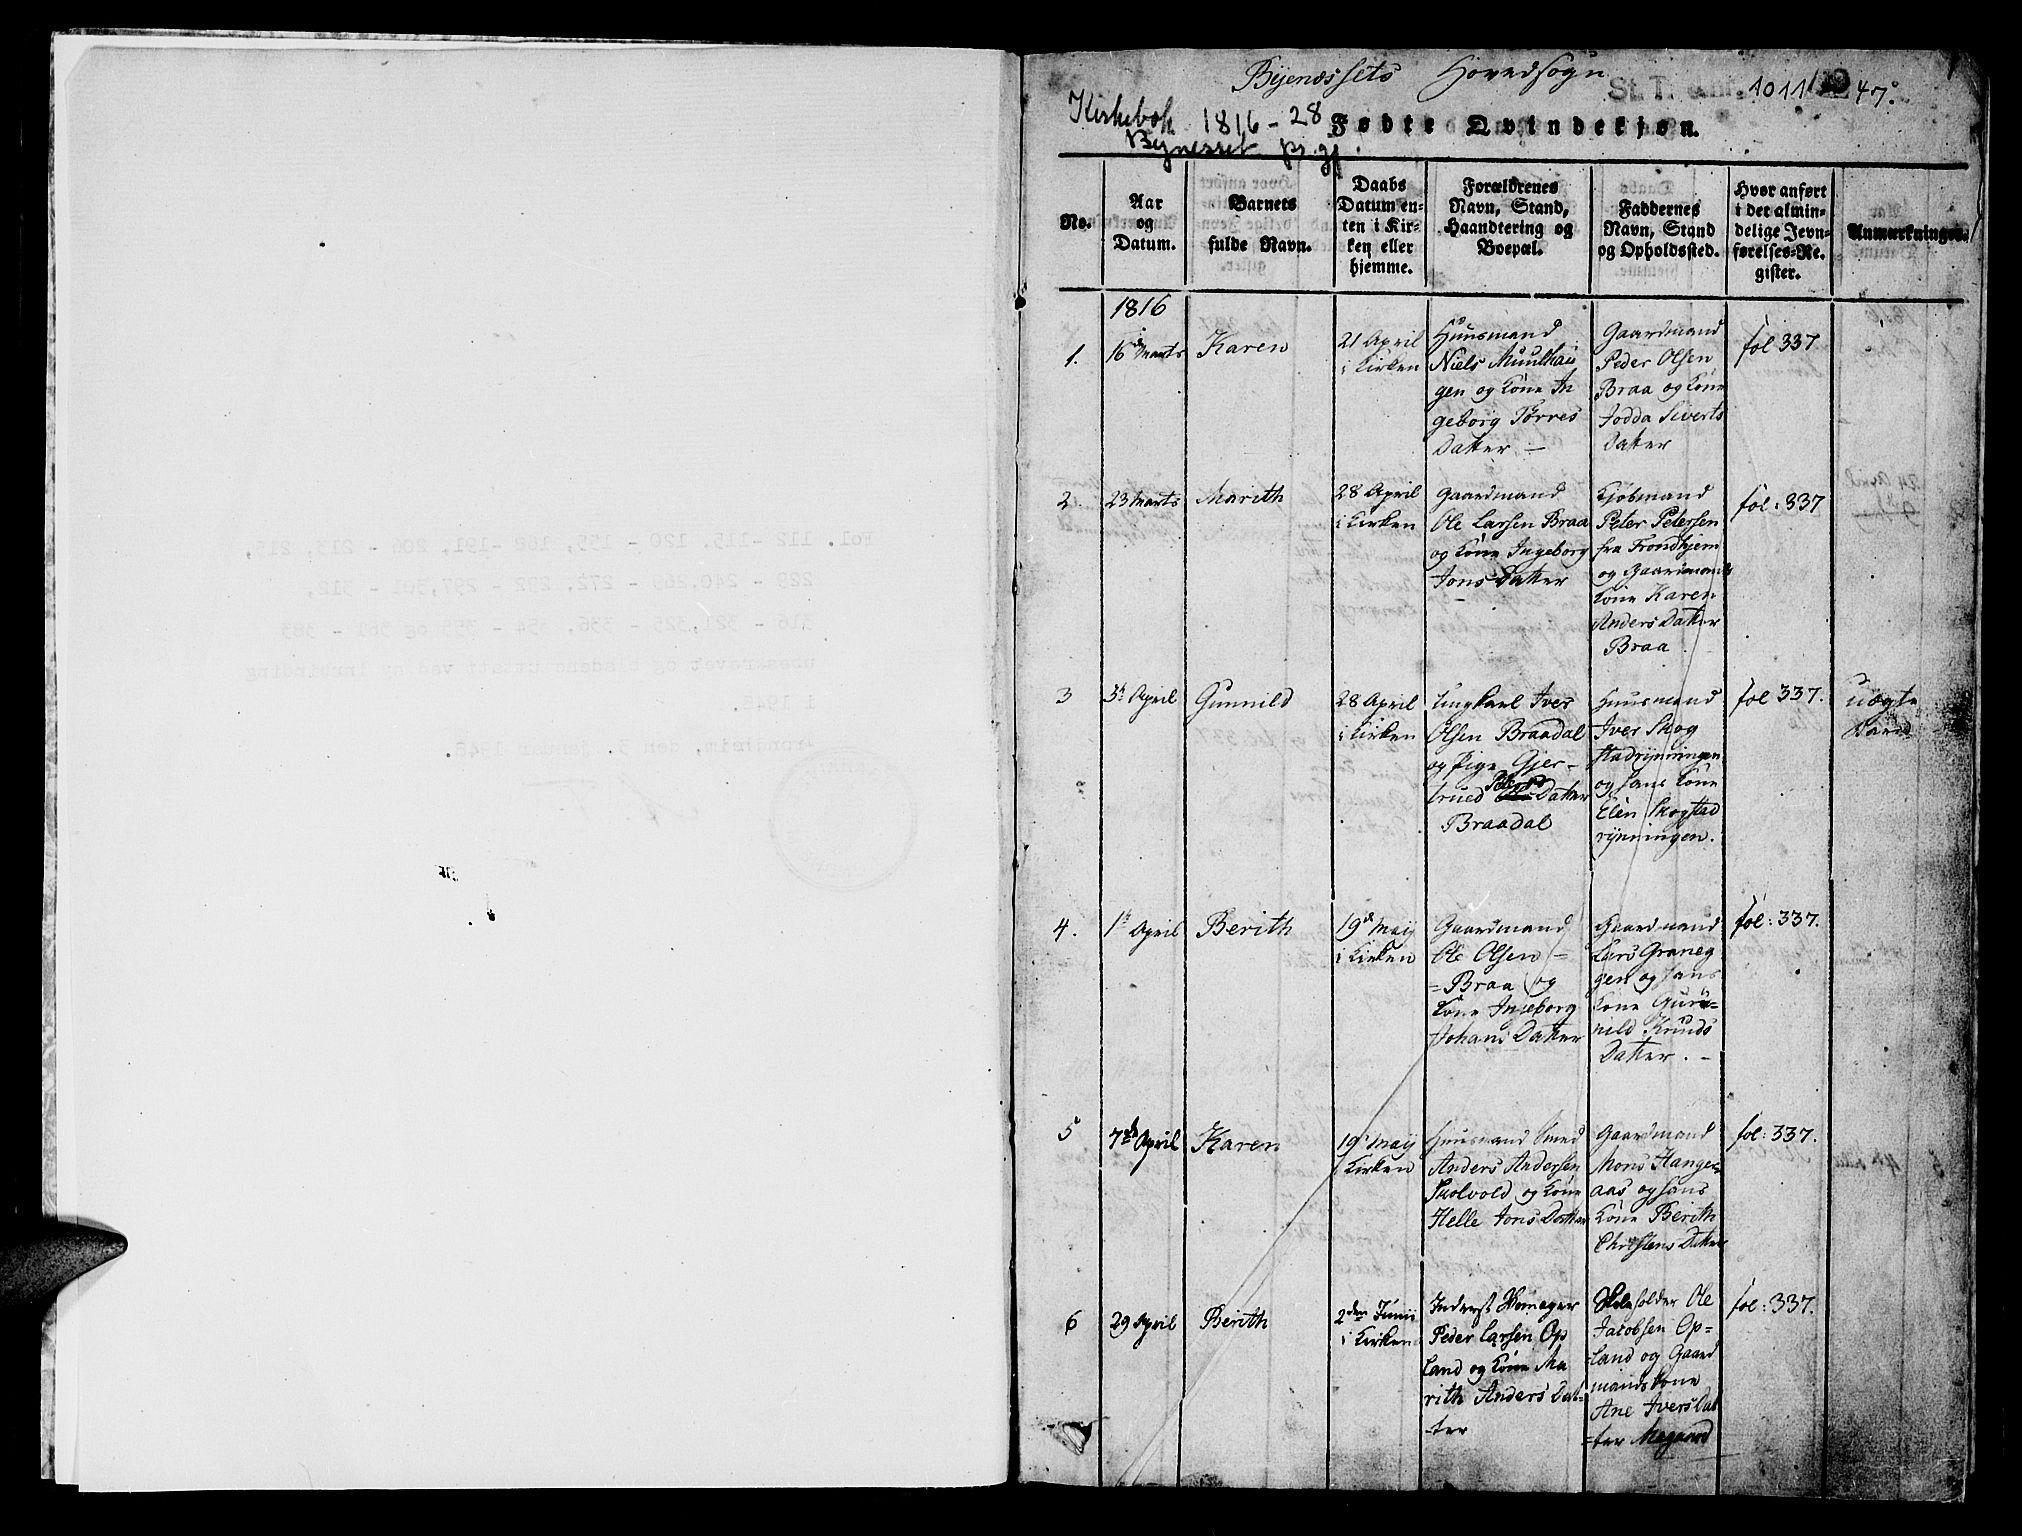 SAT, Ministerialprotokoller, klokkerbøker og fødselsregistre - Sør-Trøndelag, 612/L0372: Ministerialbok nr. 612A06 /1, 1816-1828, s. 1